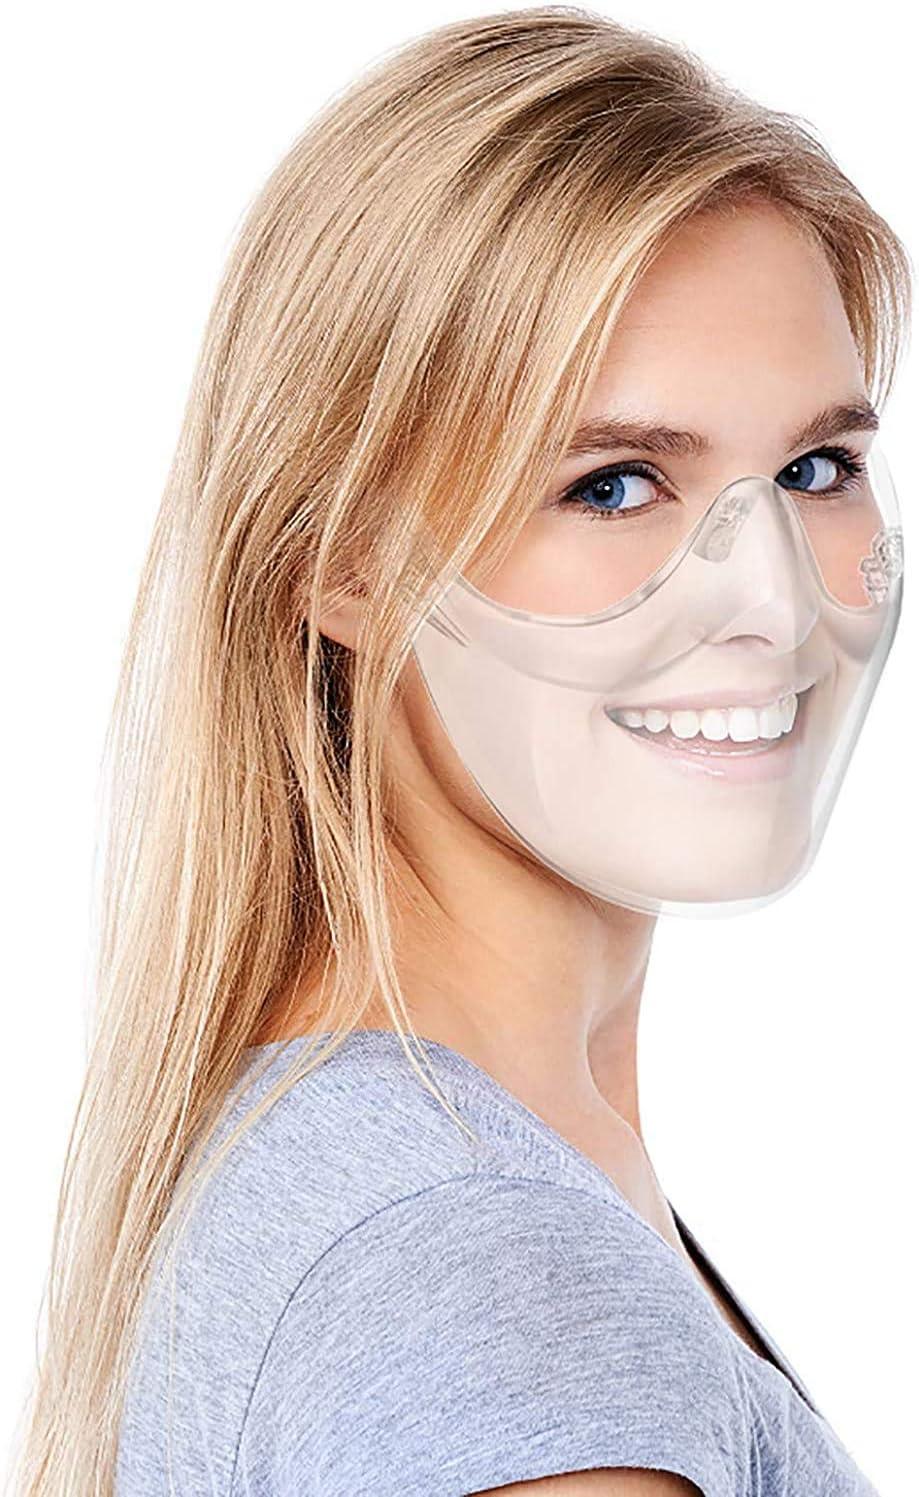 le nez et la bouche pour hommes Adultes Clear Face/_Shields Transparent/_Face/_Mask Anti Fog Shields Verres r/éutilisables en plastique durable Boucliers con/çus Couvre-visage l/éger pour prot/éger les yeux